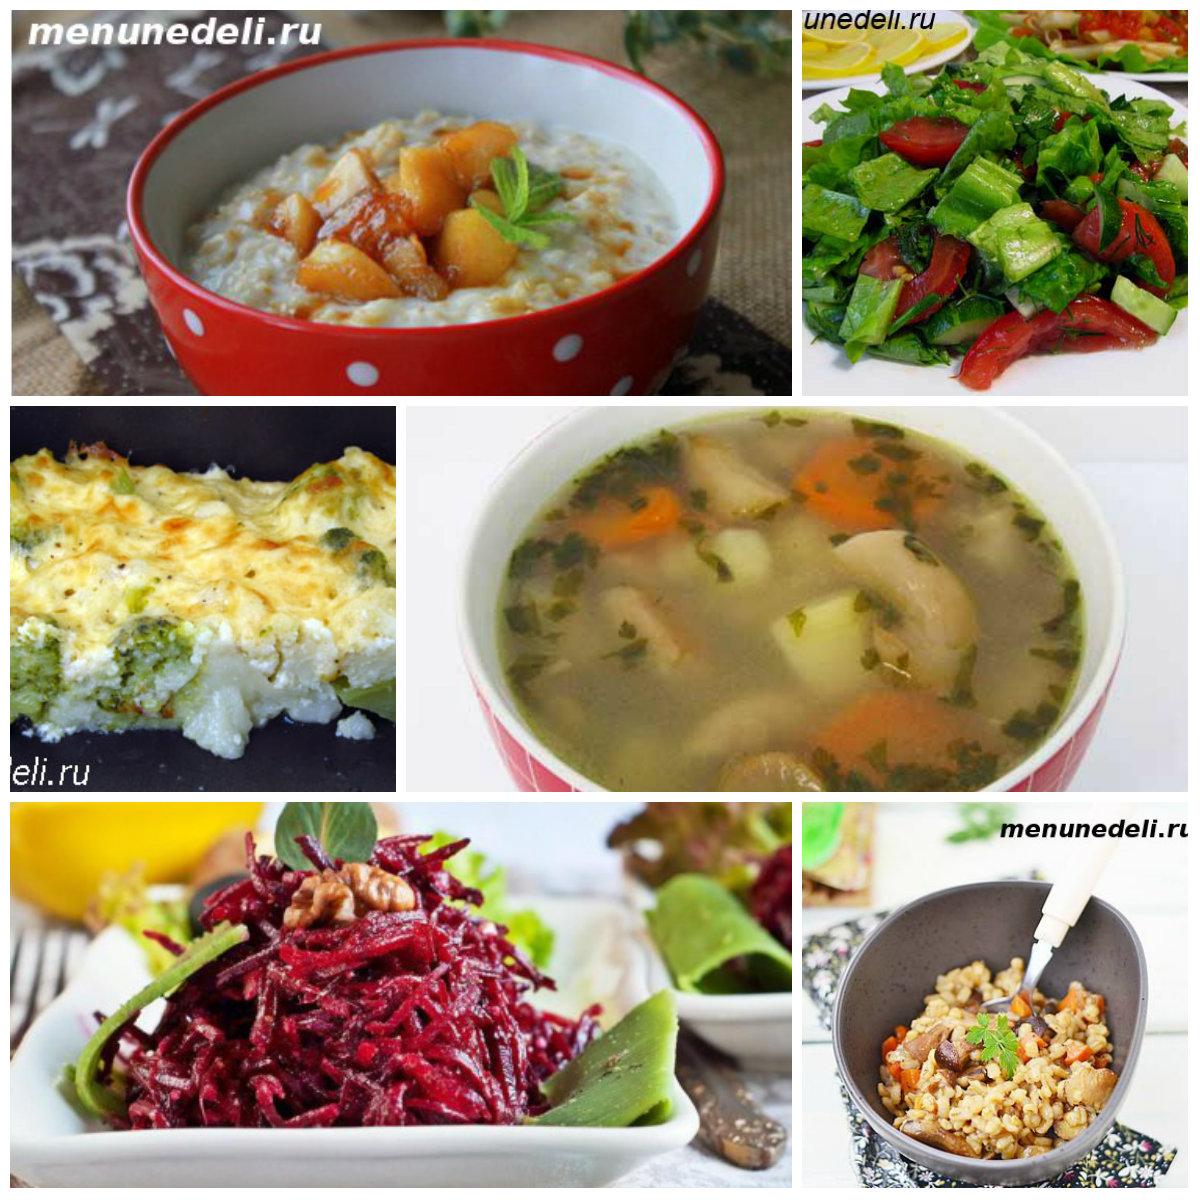 Вегетарианское меню на месяц